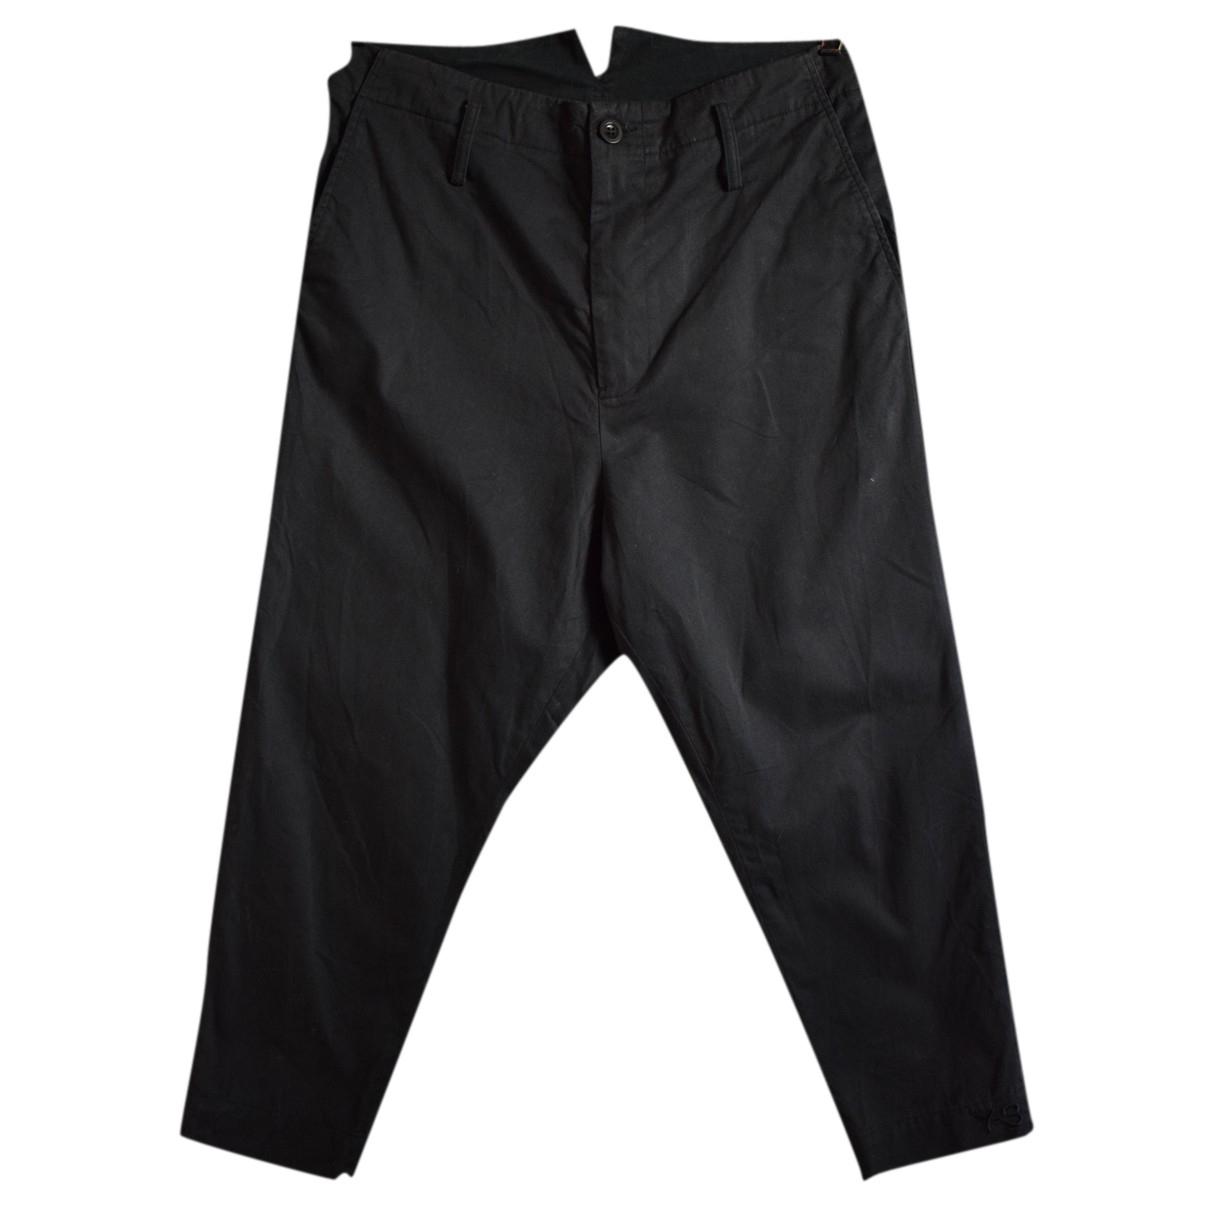 Y-3 - Pantalon   pour homme en coton - noir